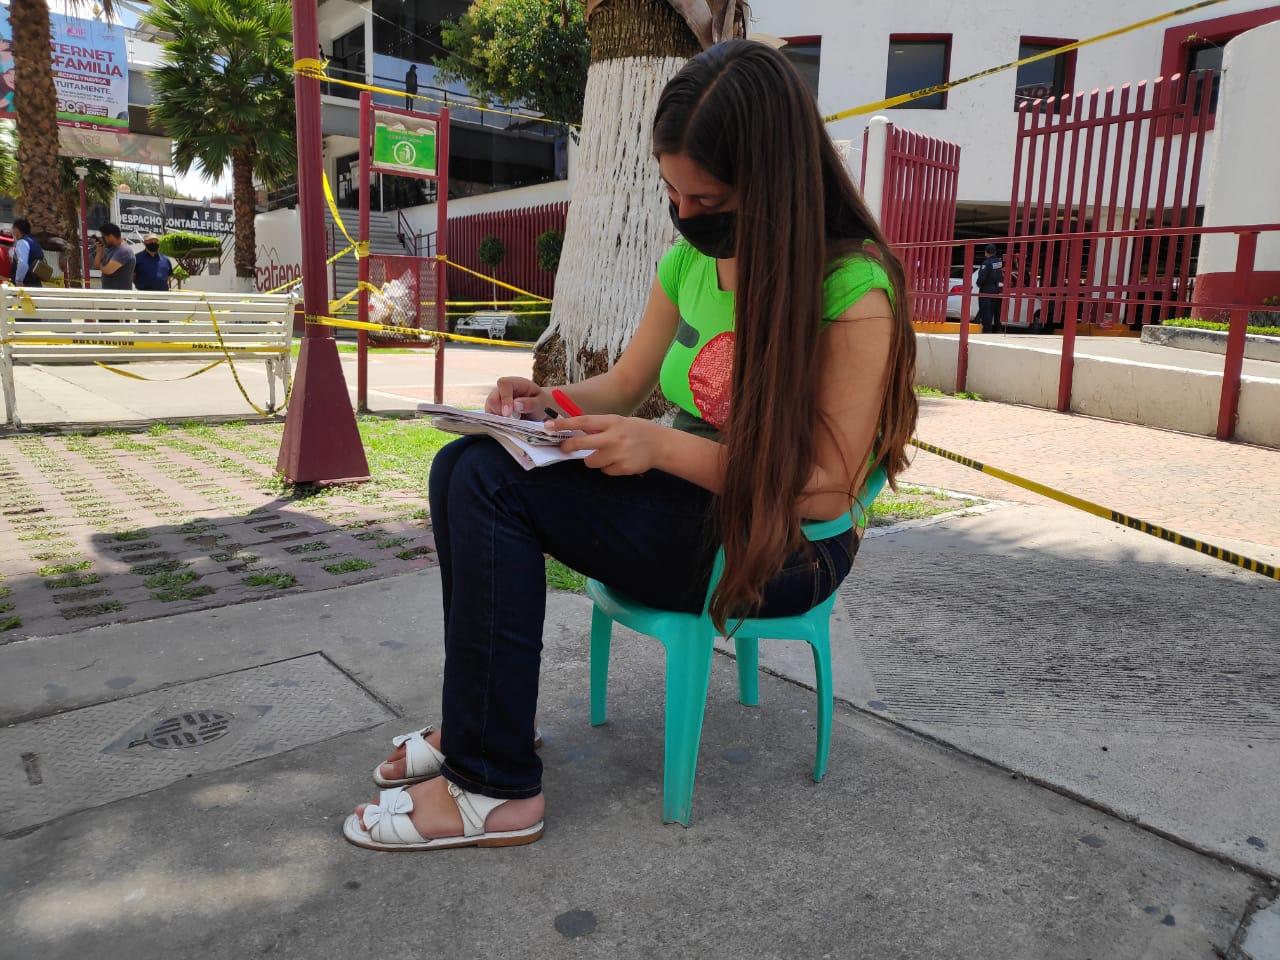 HADASSA ACUDE A LAS AFUERAS DEL PALACIO MUNICIPAL DE ECATEPEC PARA CONECTARSE A INTERNET